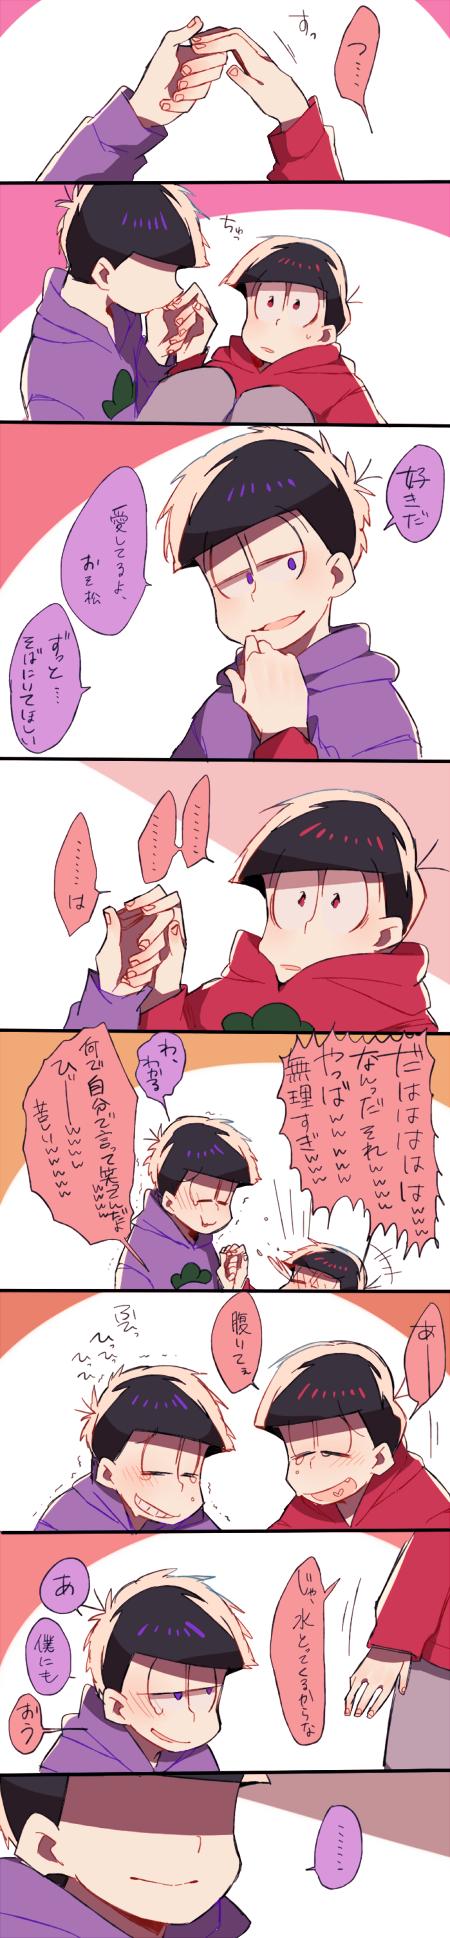 あああ on twitter osomatsu san doujinshi otaku anime anime